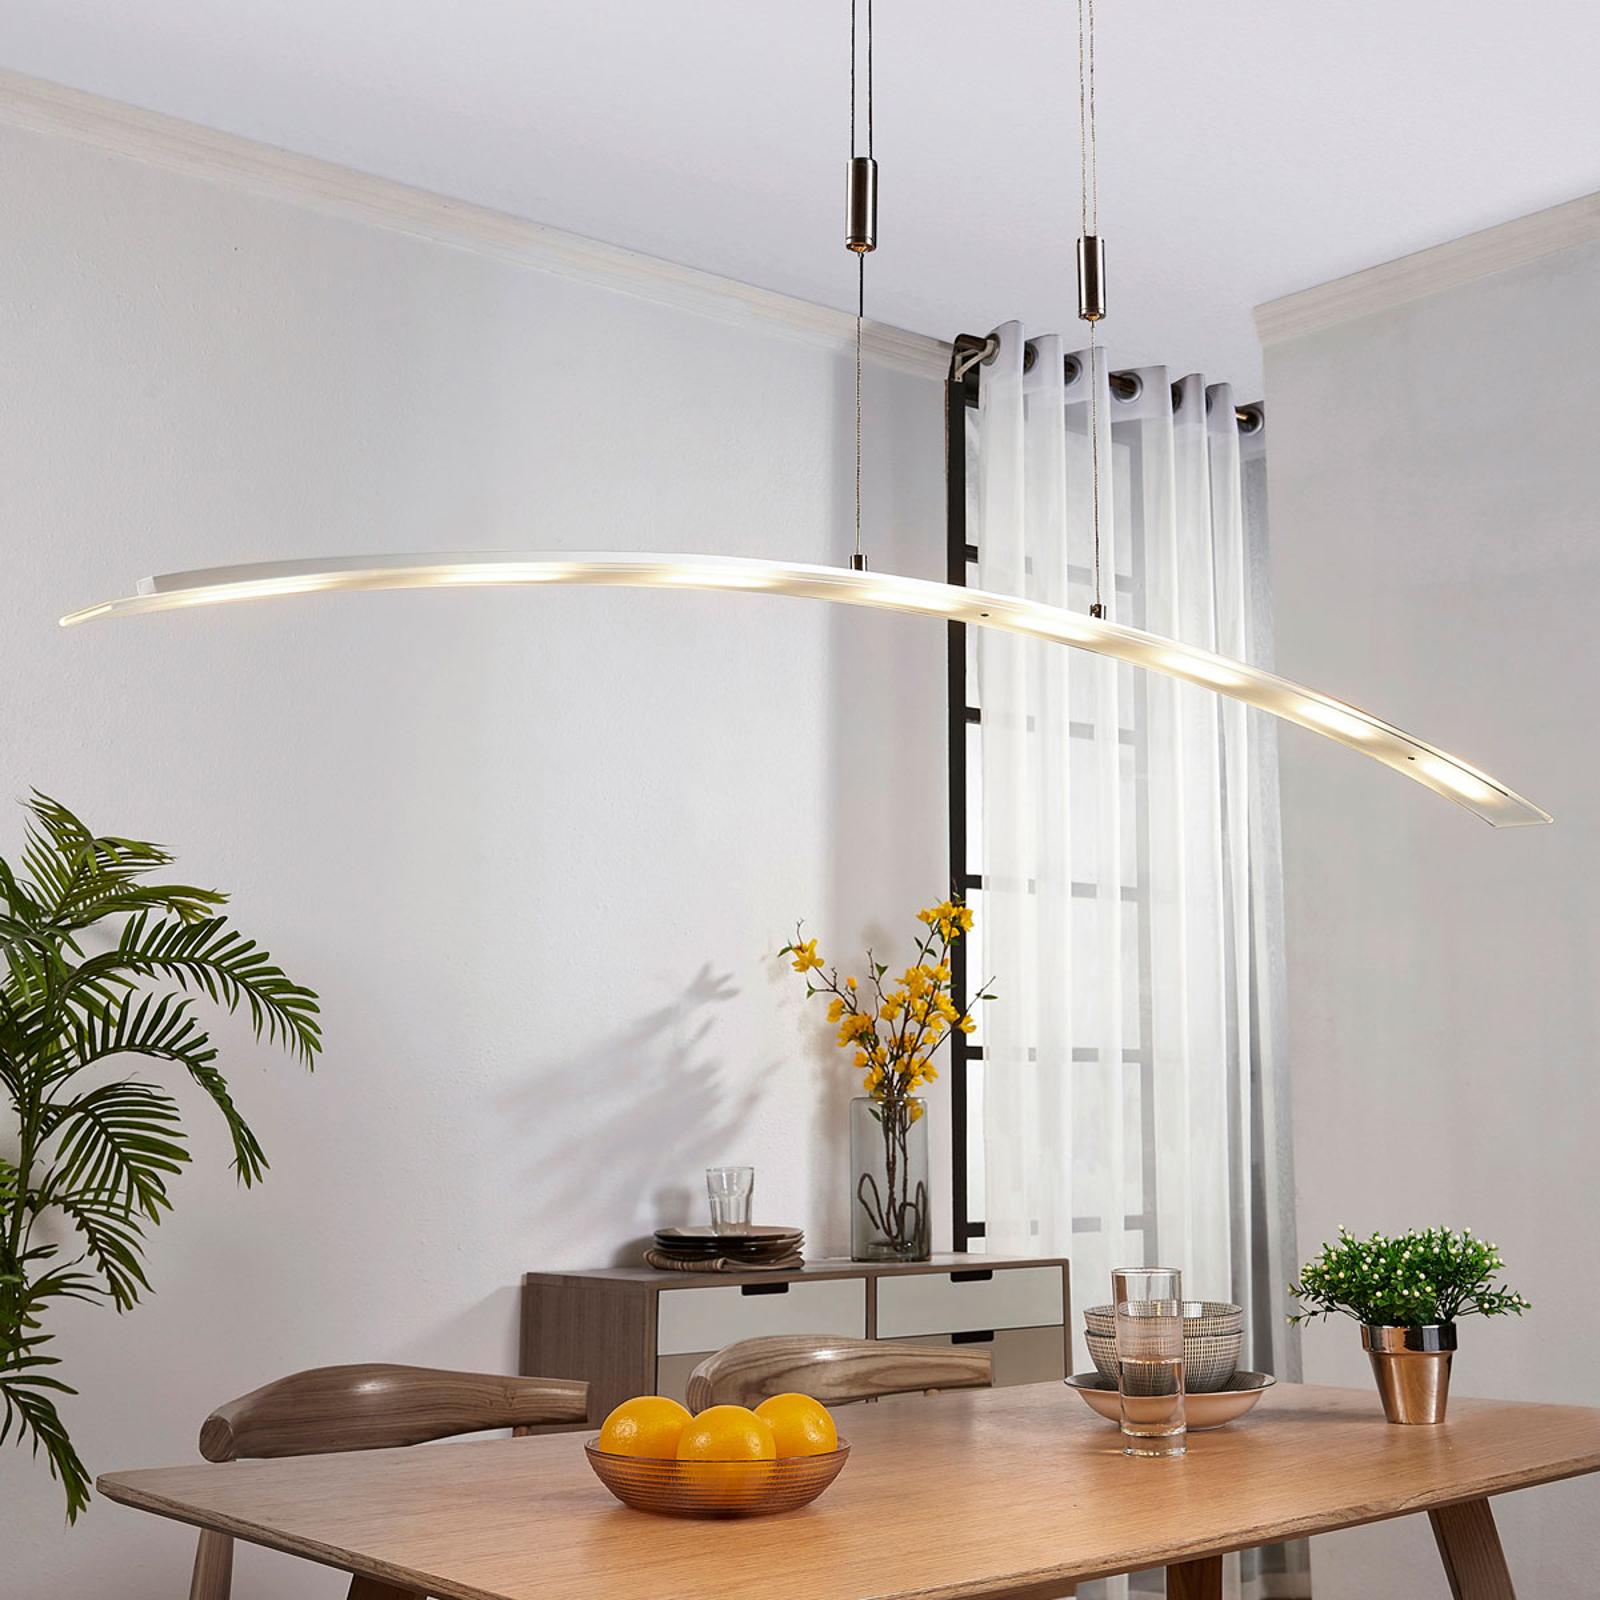 Manon - korkeussäädettävä LED-riippuvalaisin